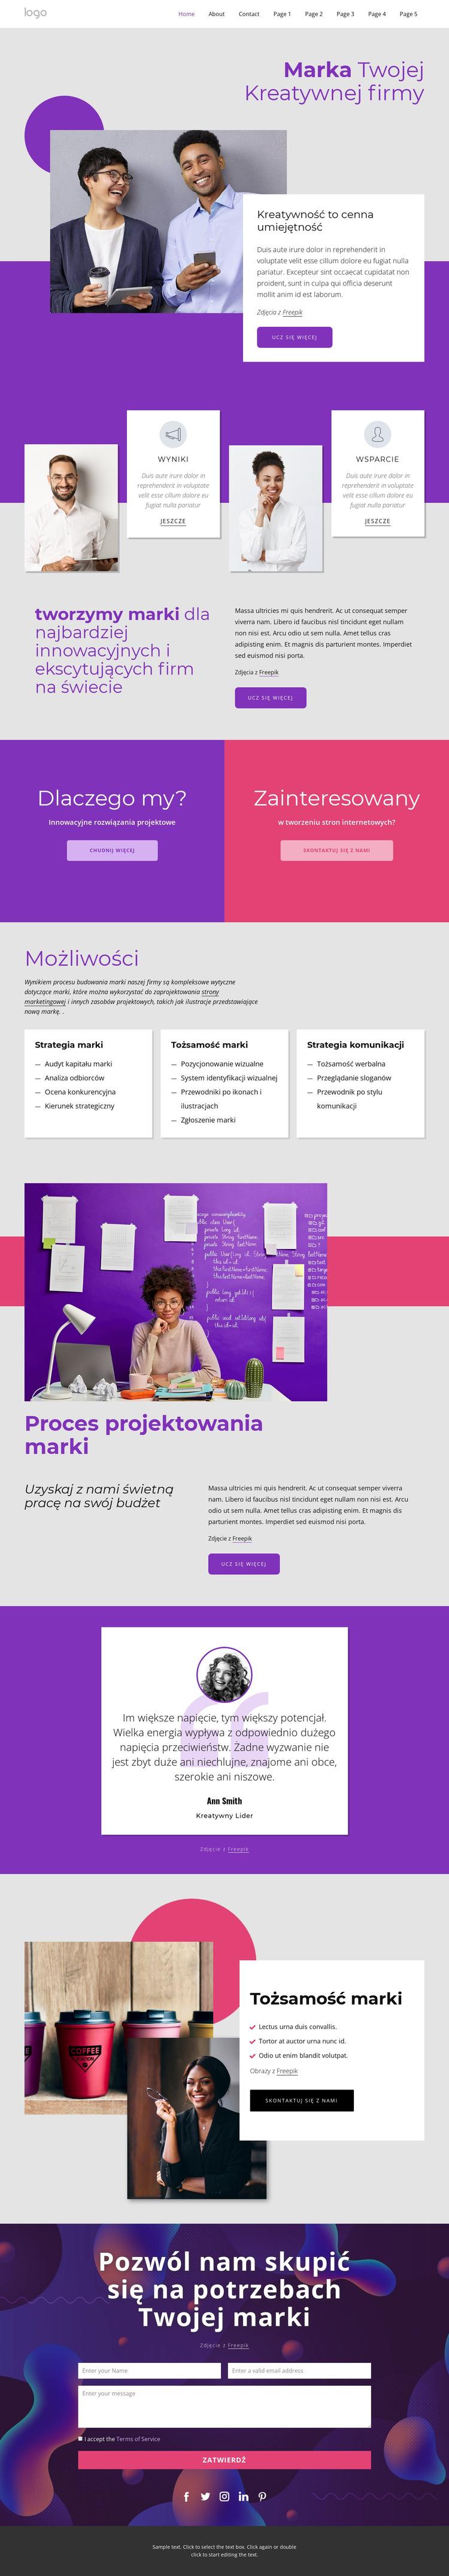 Międzynarodowa agencja marki i projektowania Szablon witryny sieci Web